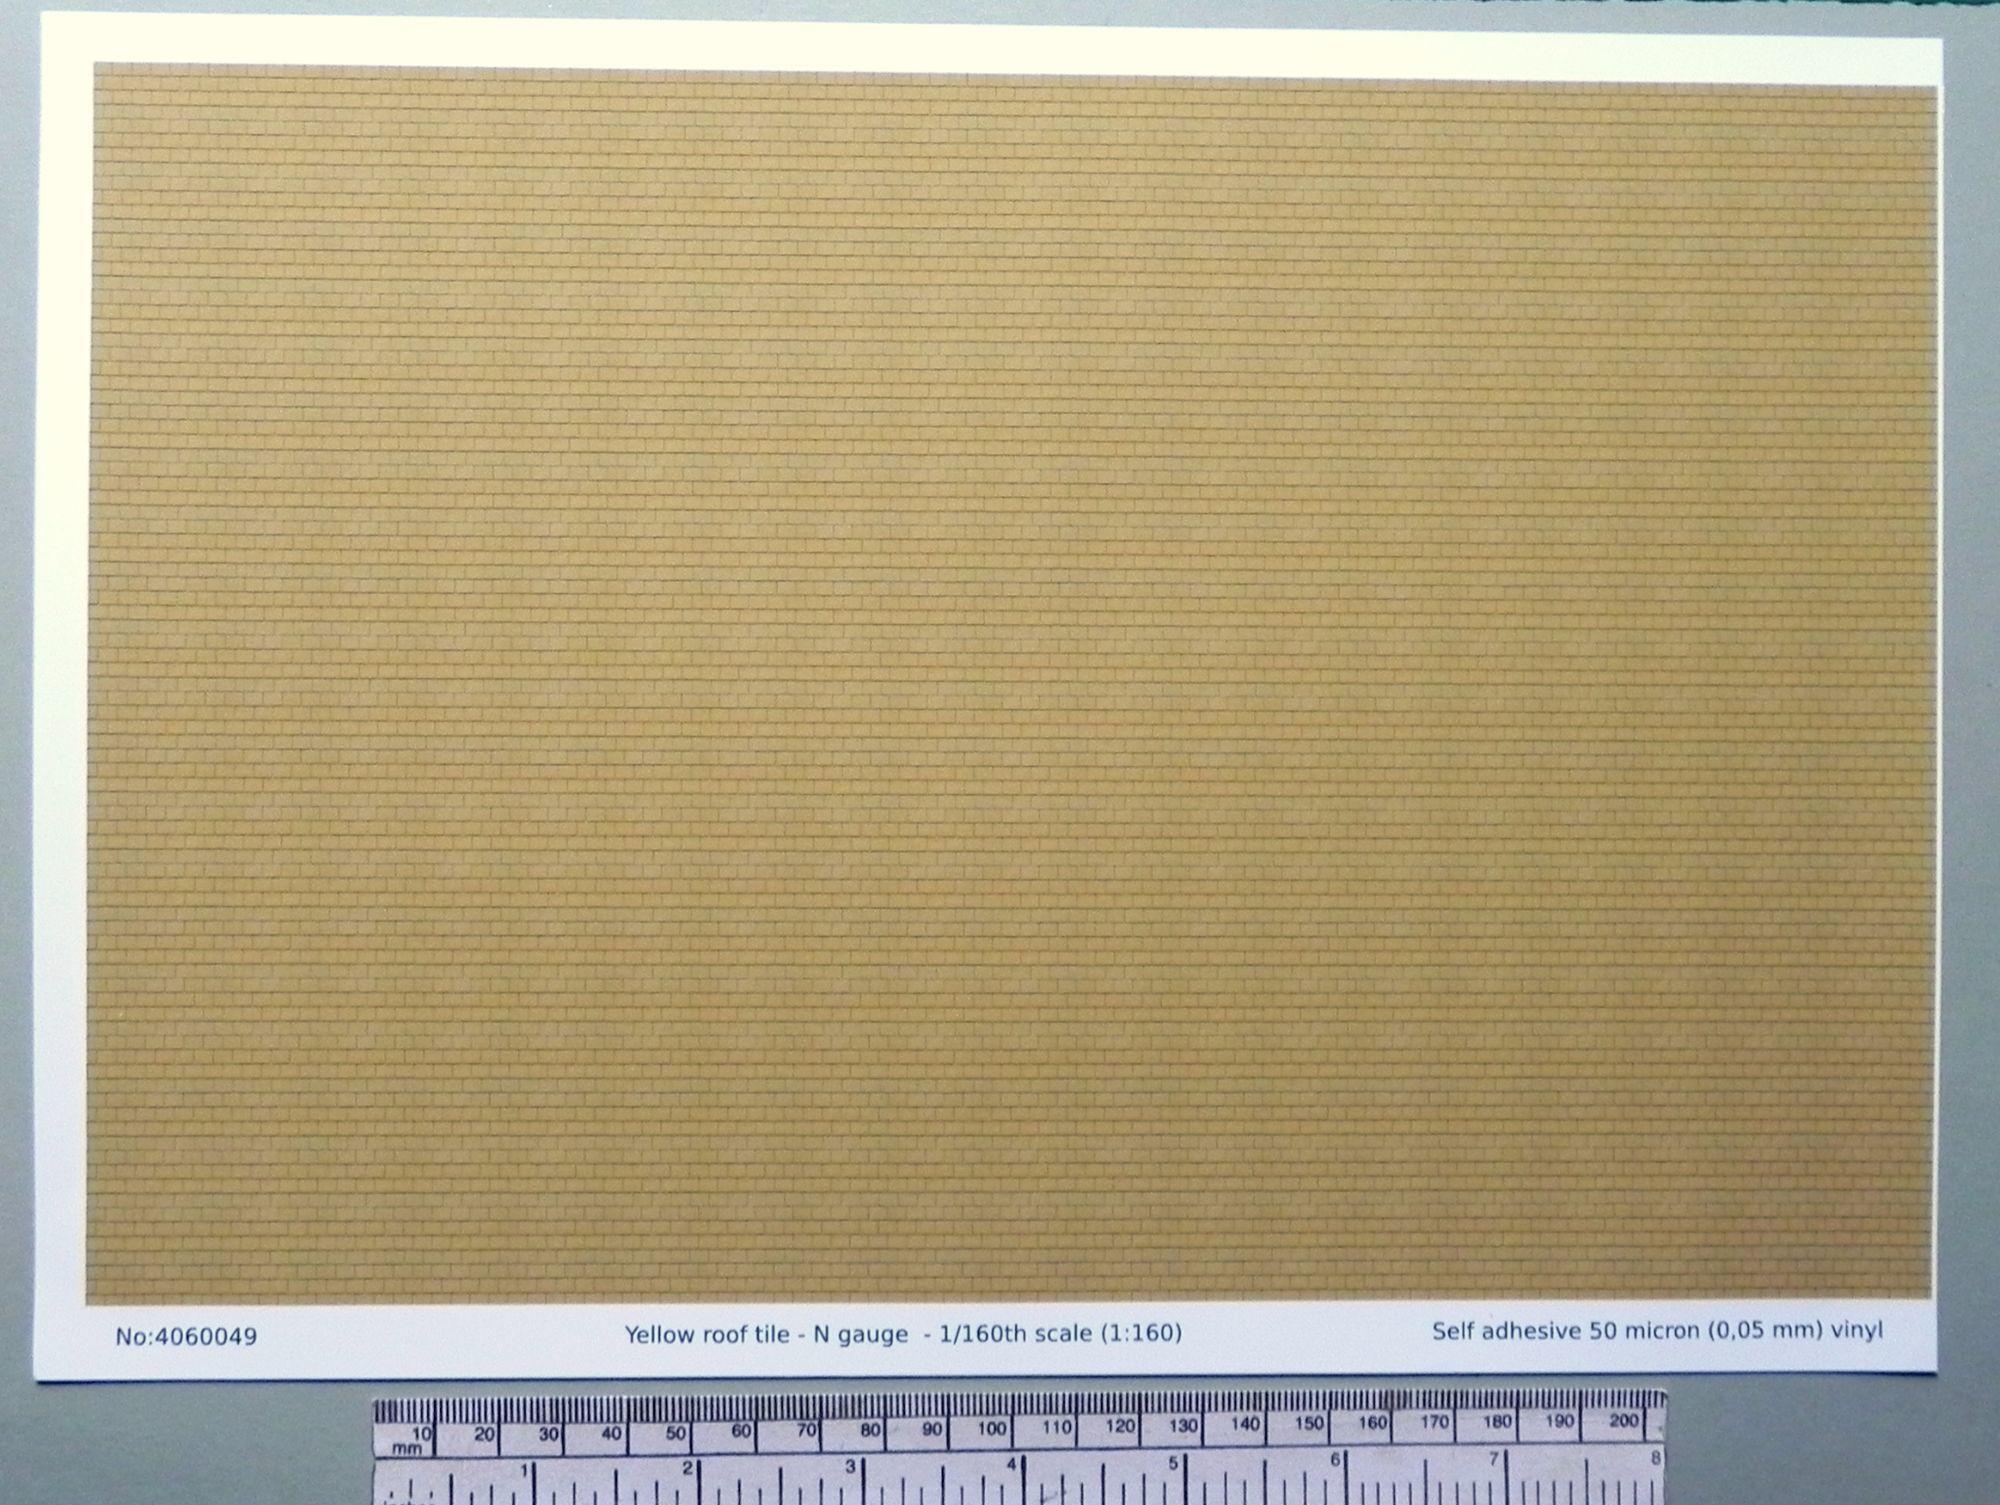 N Gauge 1 160 Scale Yellow Roof Tile Self Adhesive Vinyl